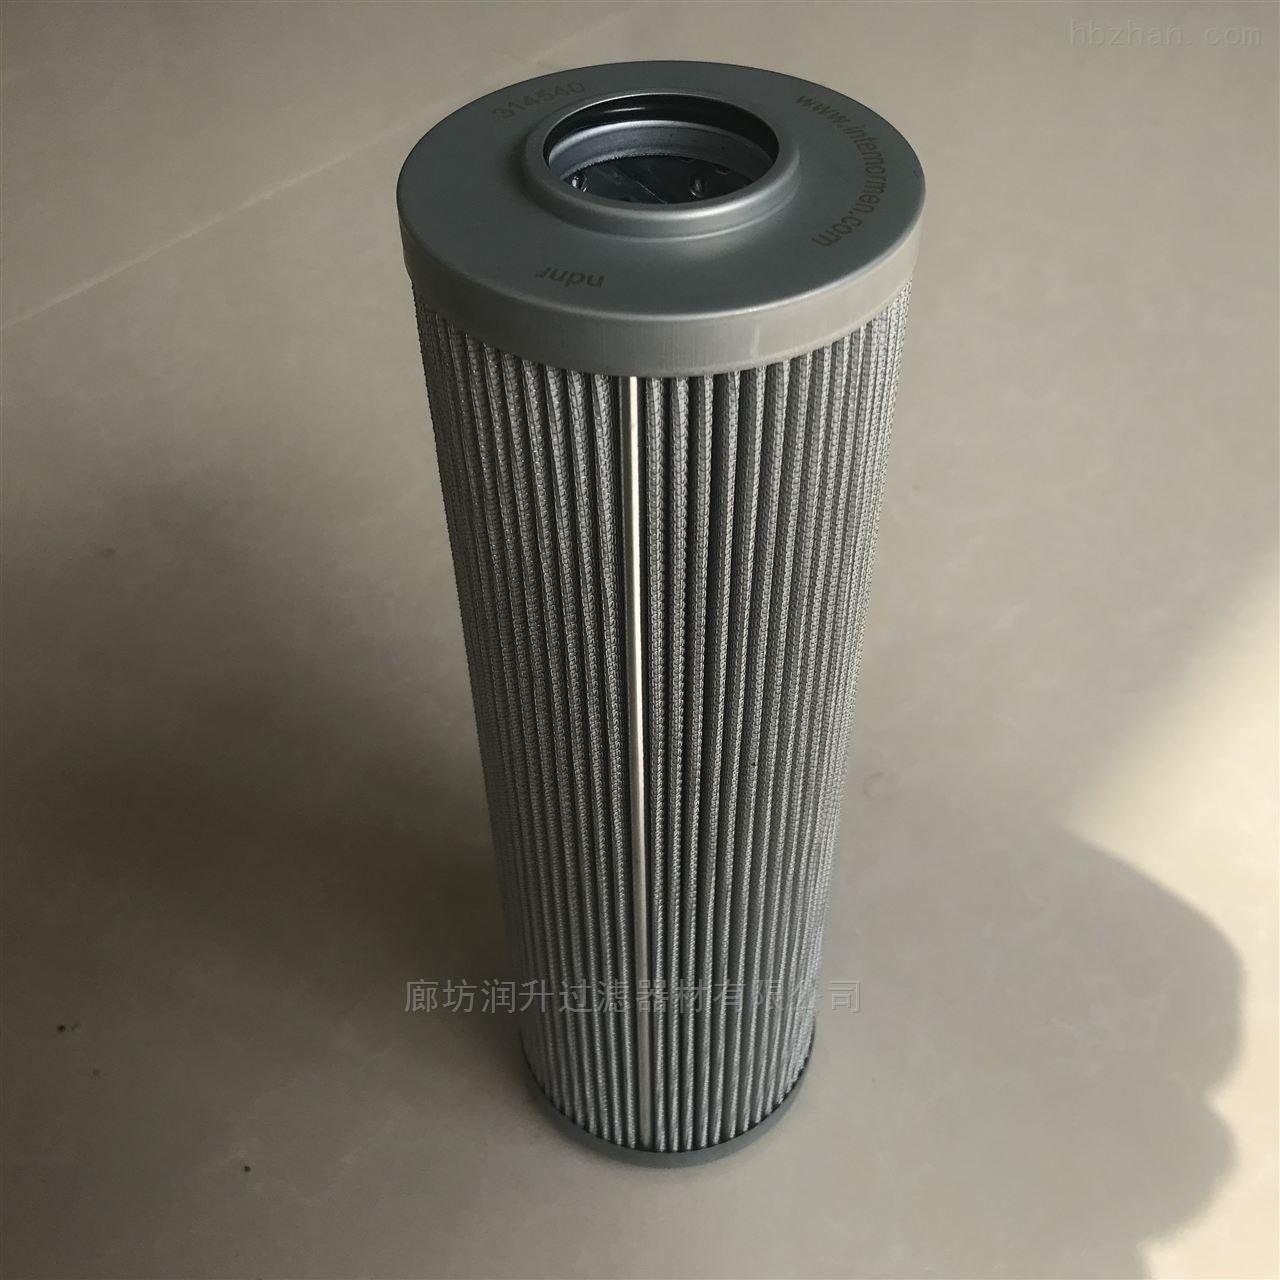 盐城DFM40PP005A01滤芯厂家批发